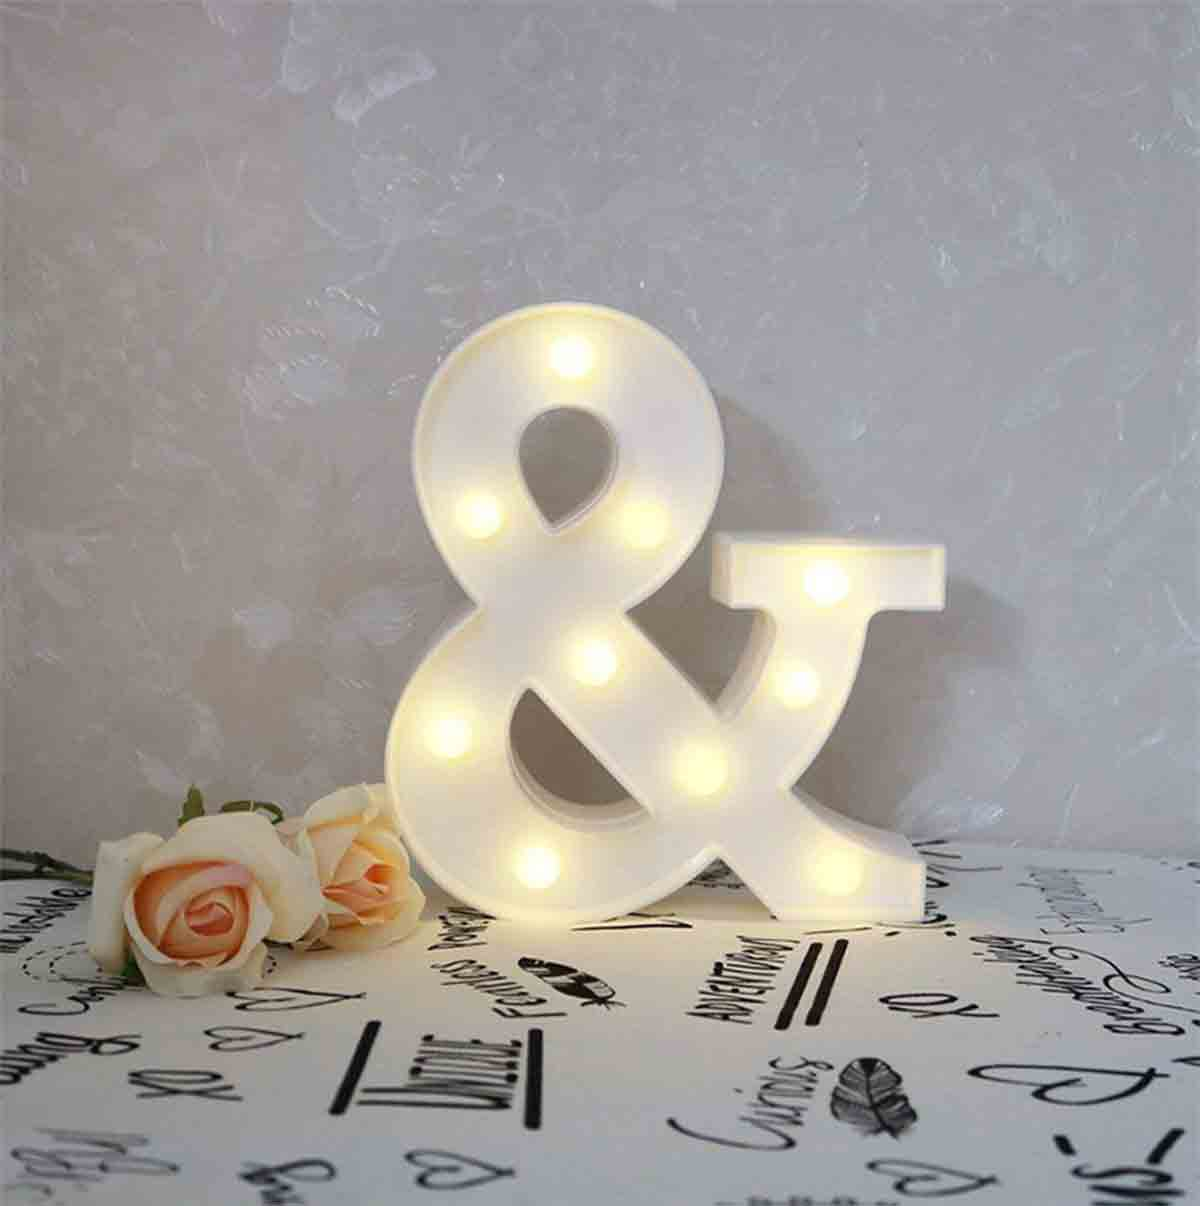 letras decorativas luminosas